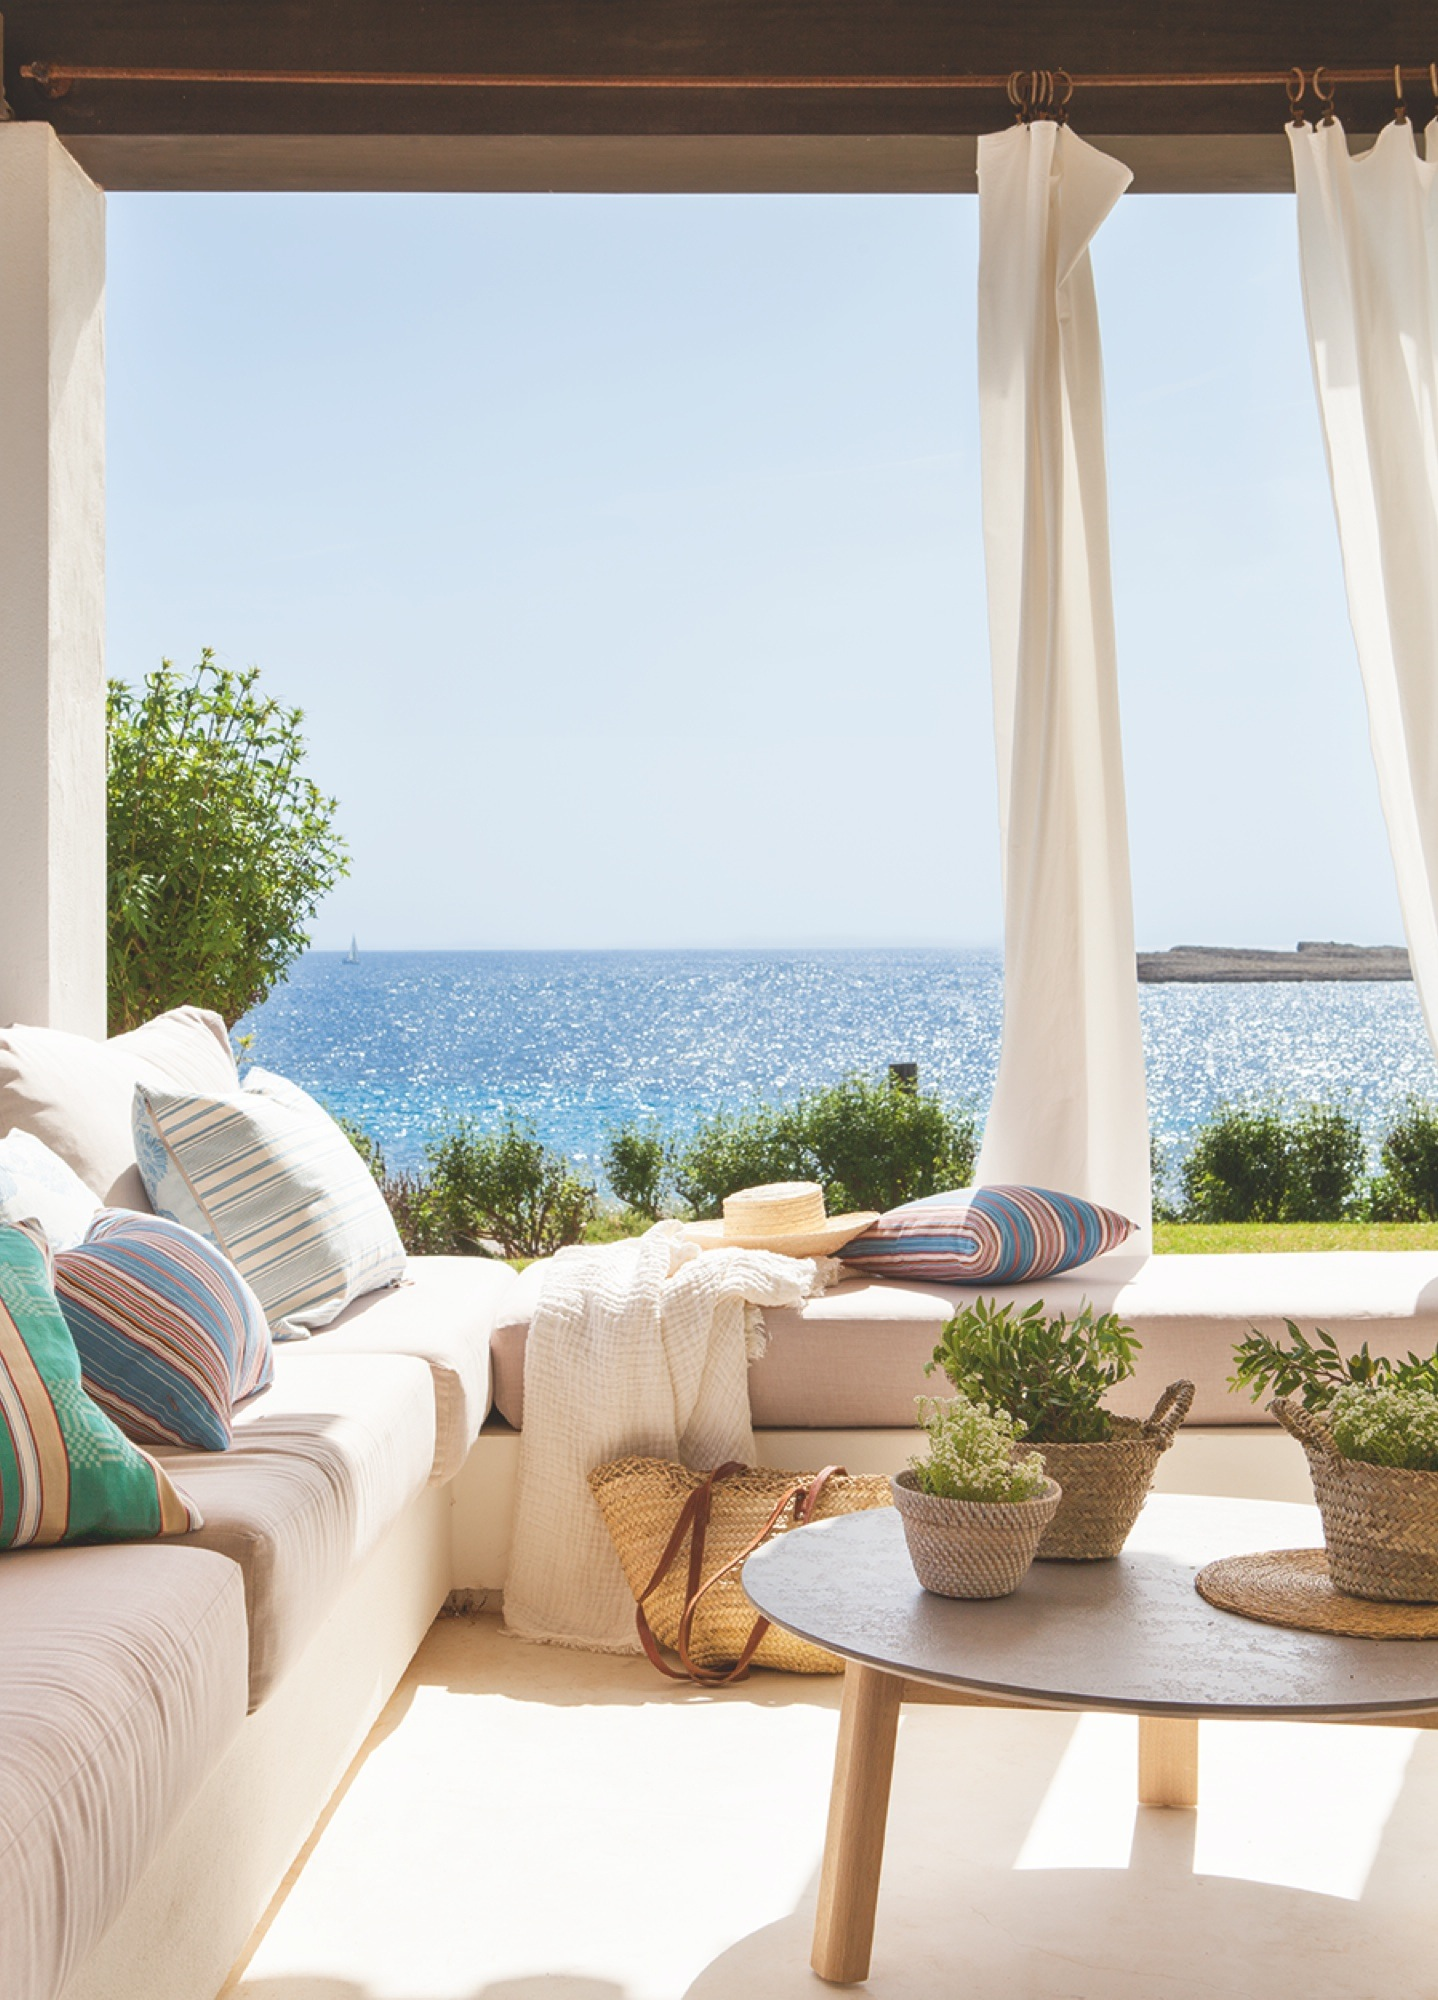 Una casa en Menorca con vistas al mar perfecta para el verano